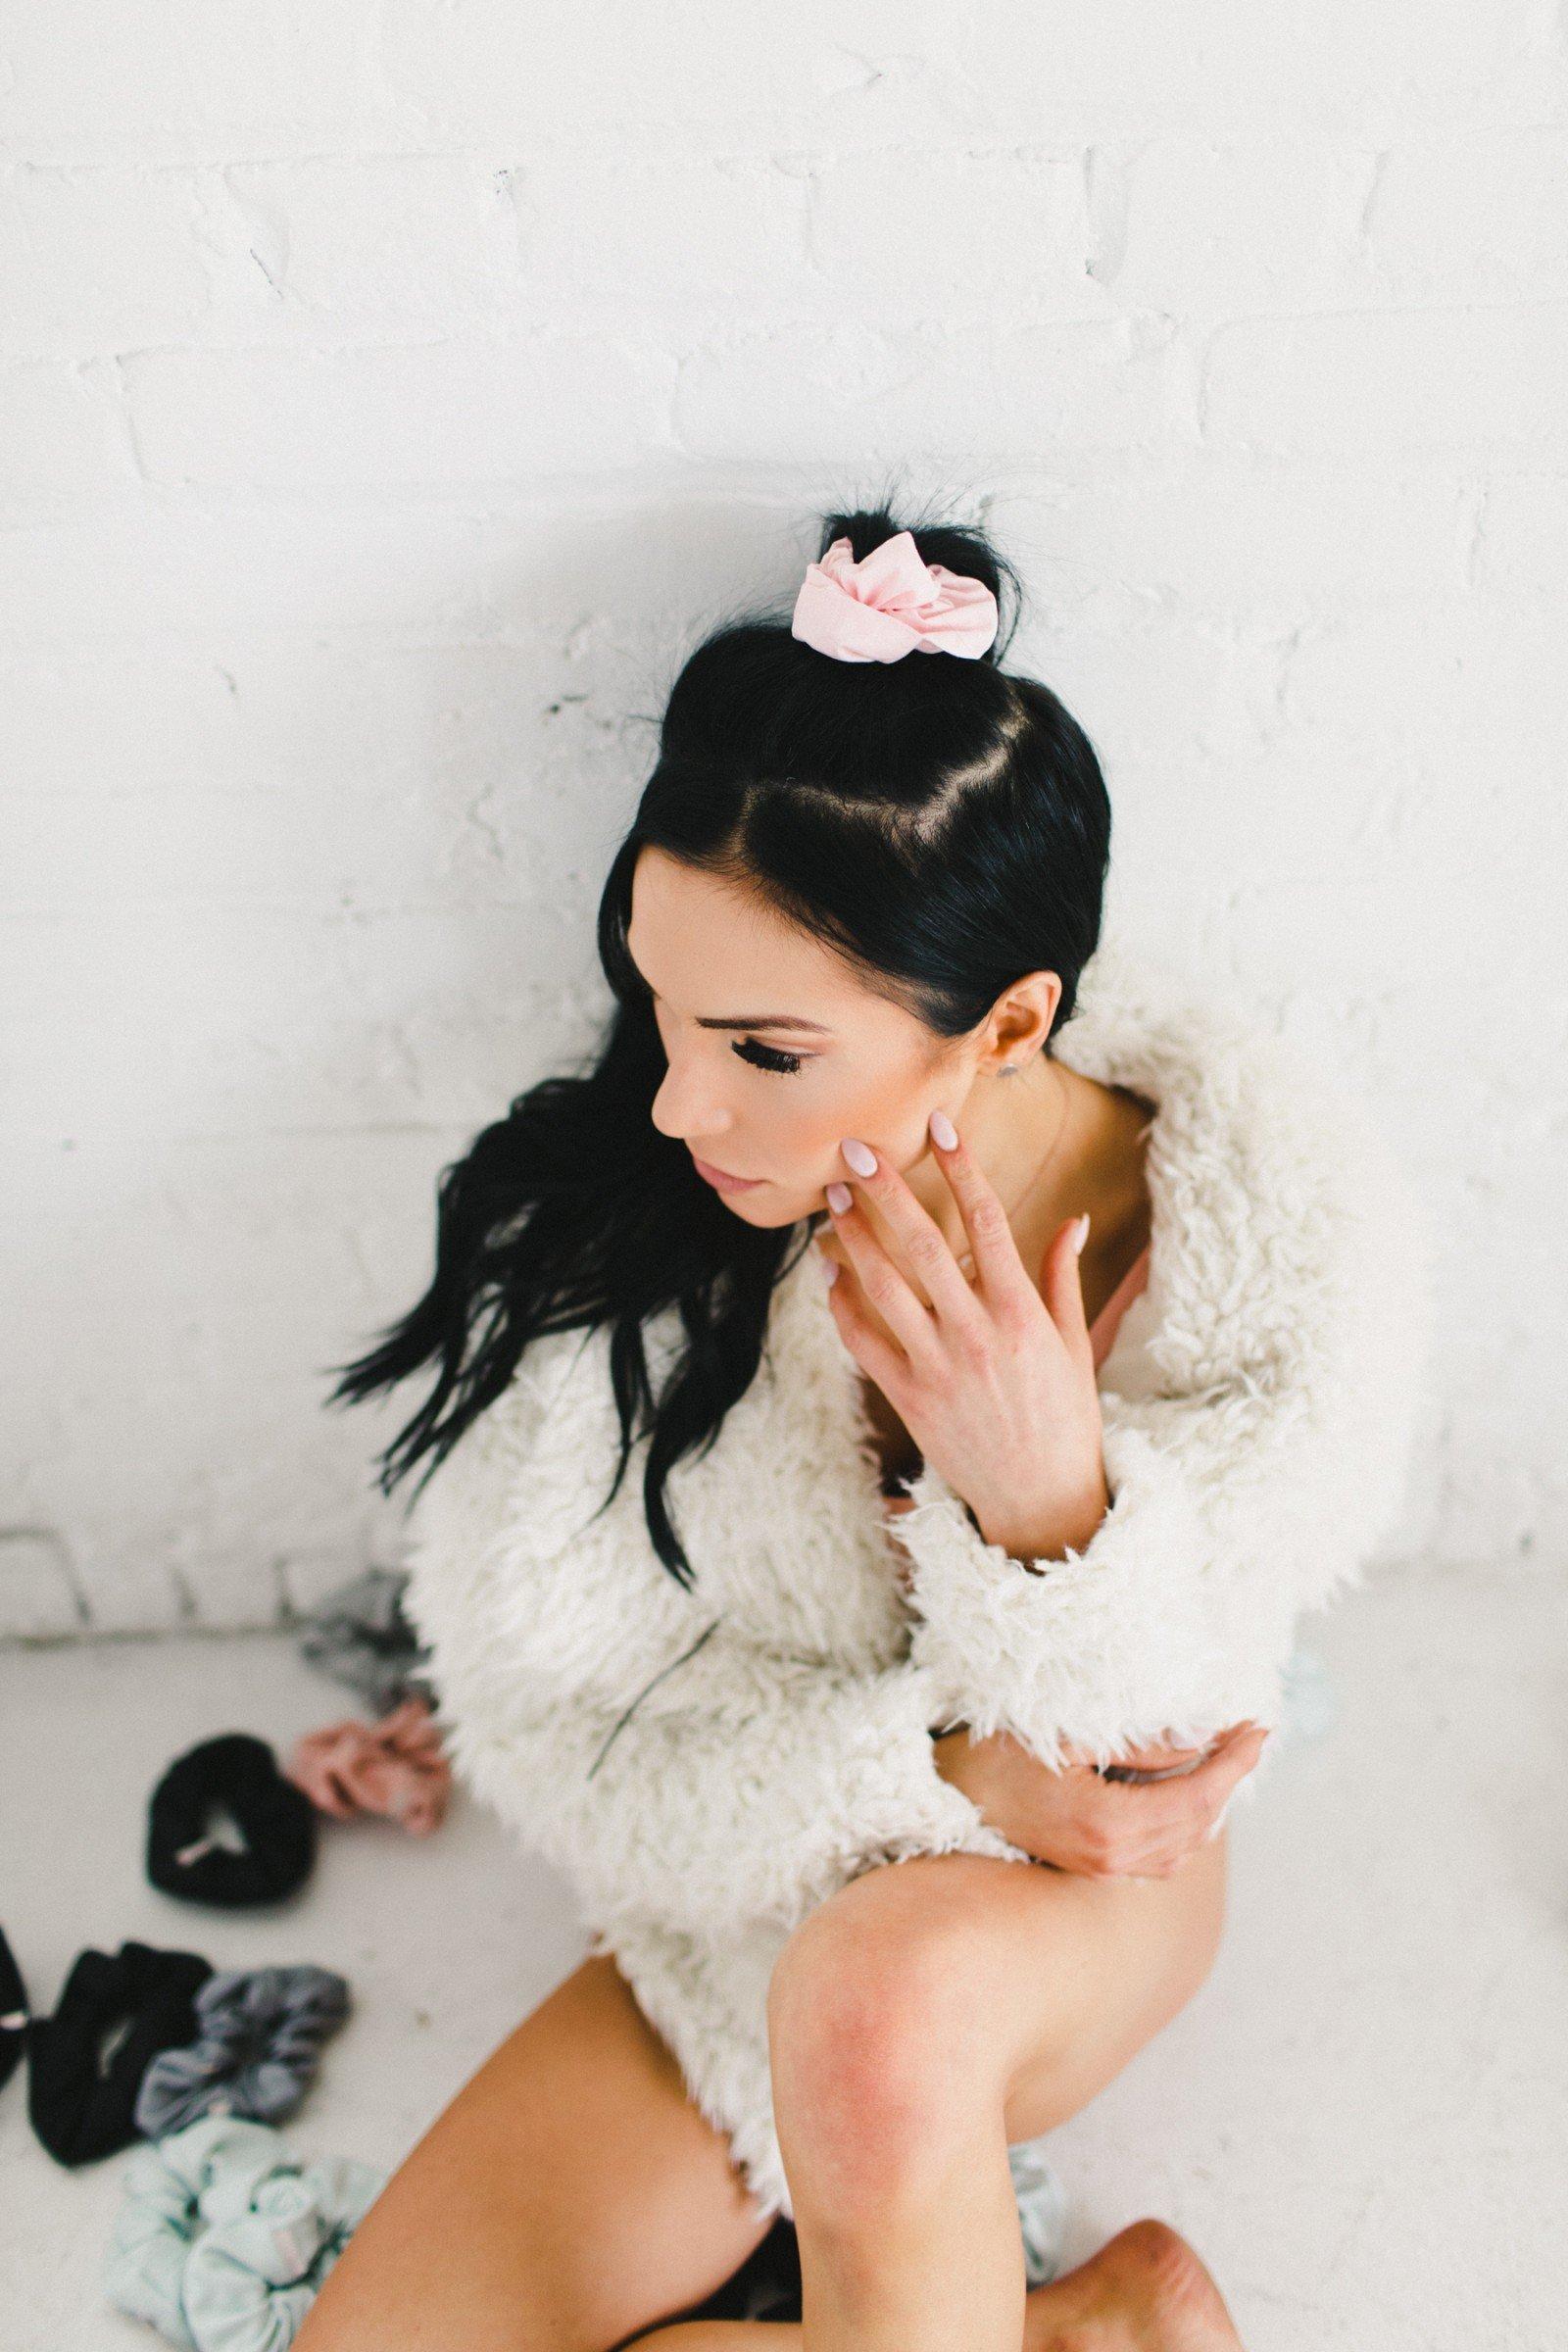 Samantha Thom, owner of Zenchies